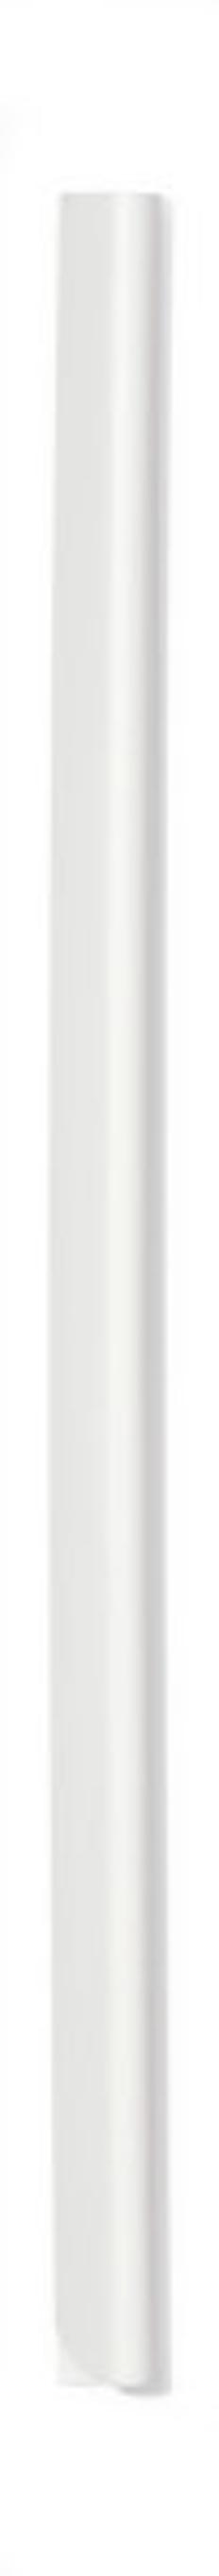 Скрепкошина для документов А4, 6 мм, белая фото